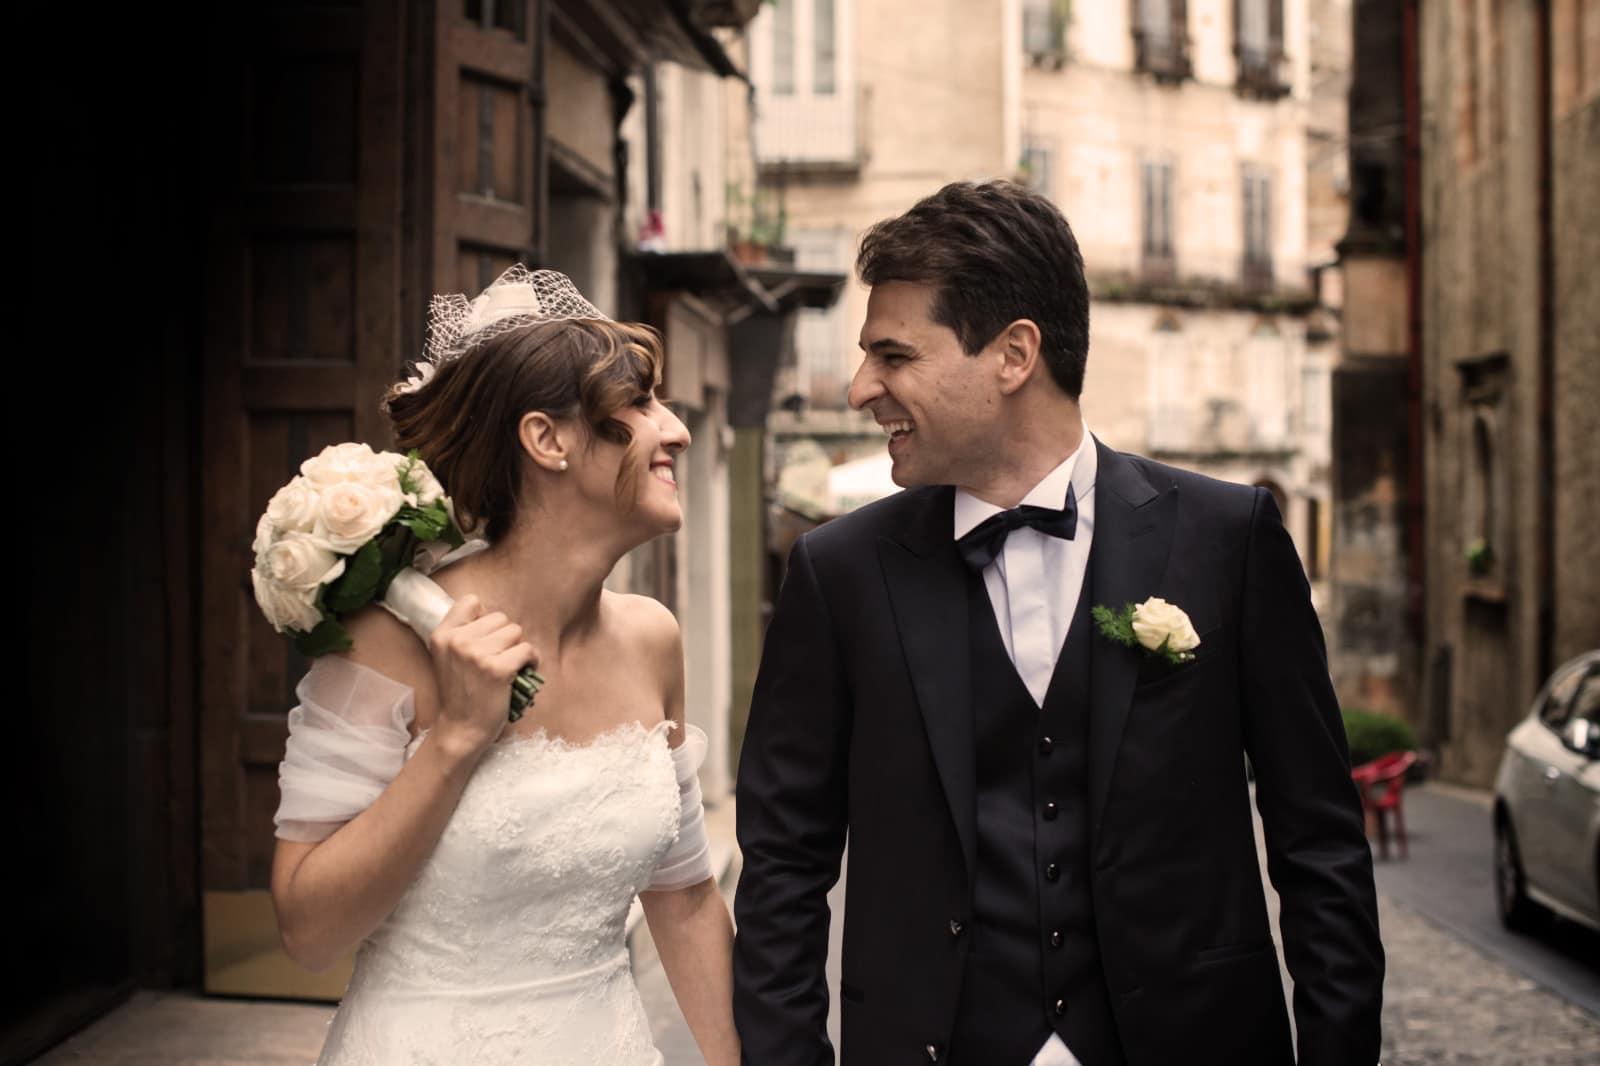 fotografo_di_matrimonio_reportage_reggio_calabria_mallamaci_giuseppe_e_lorena